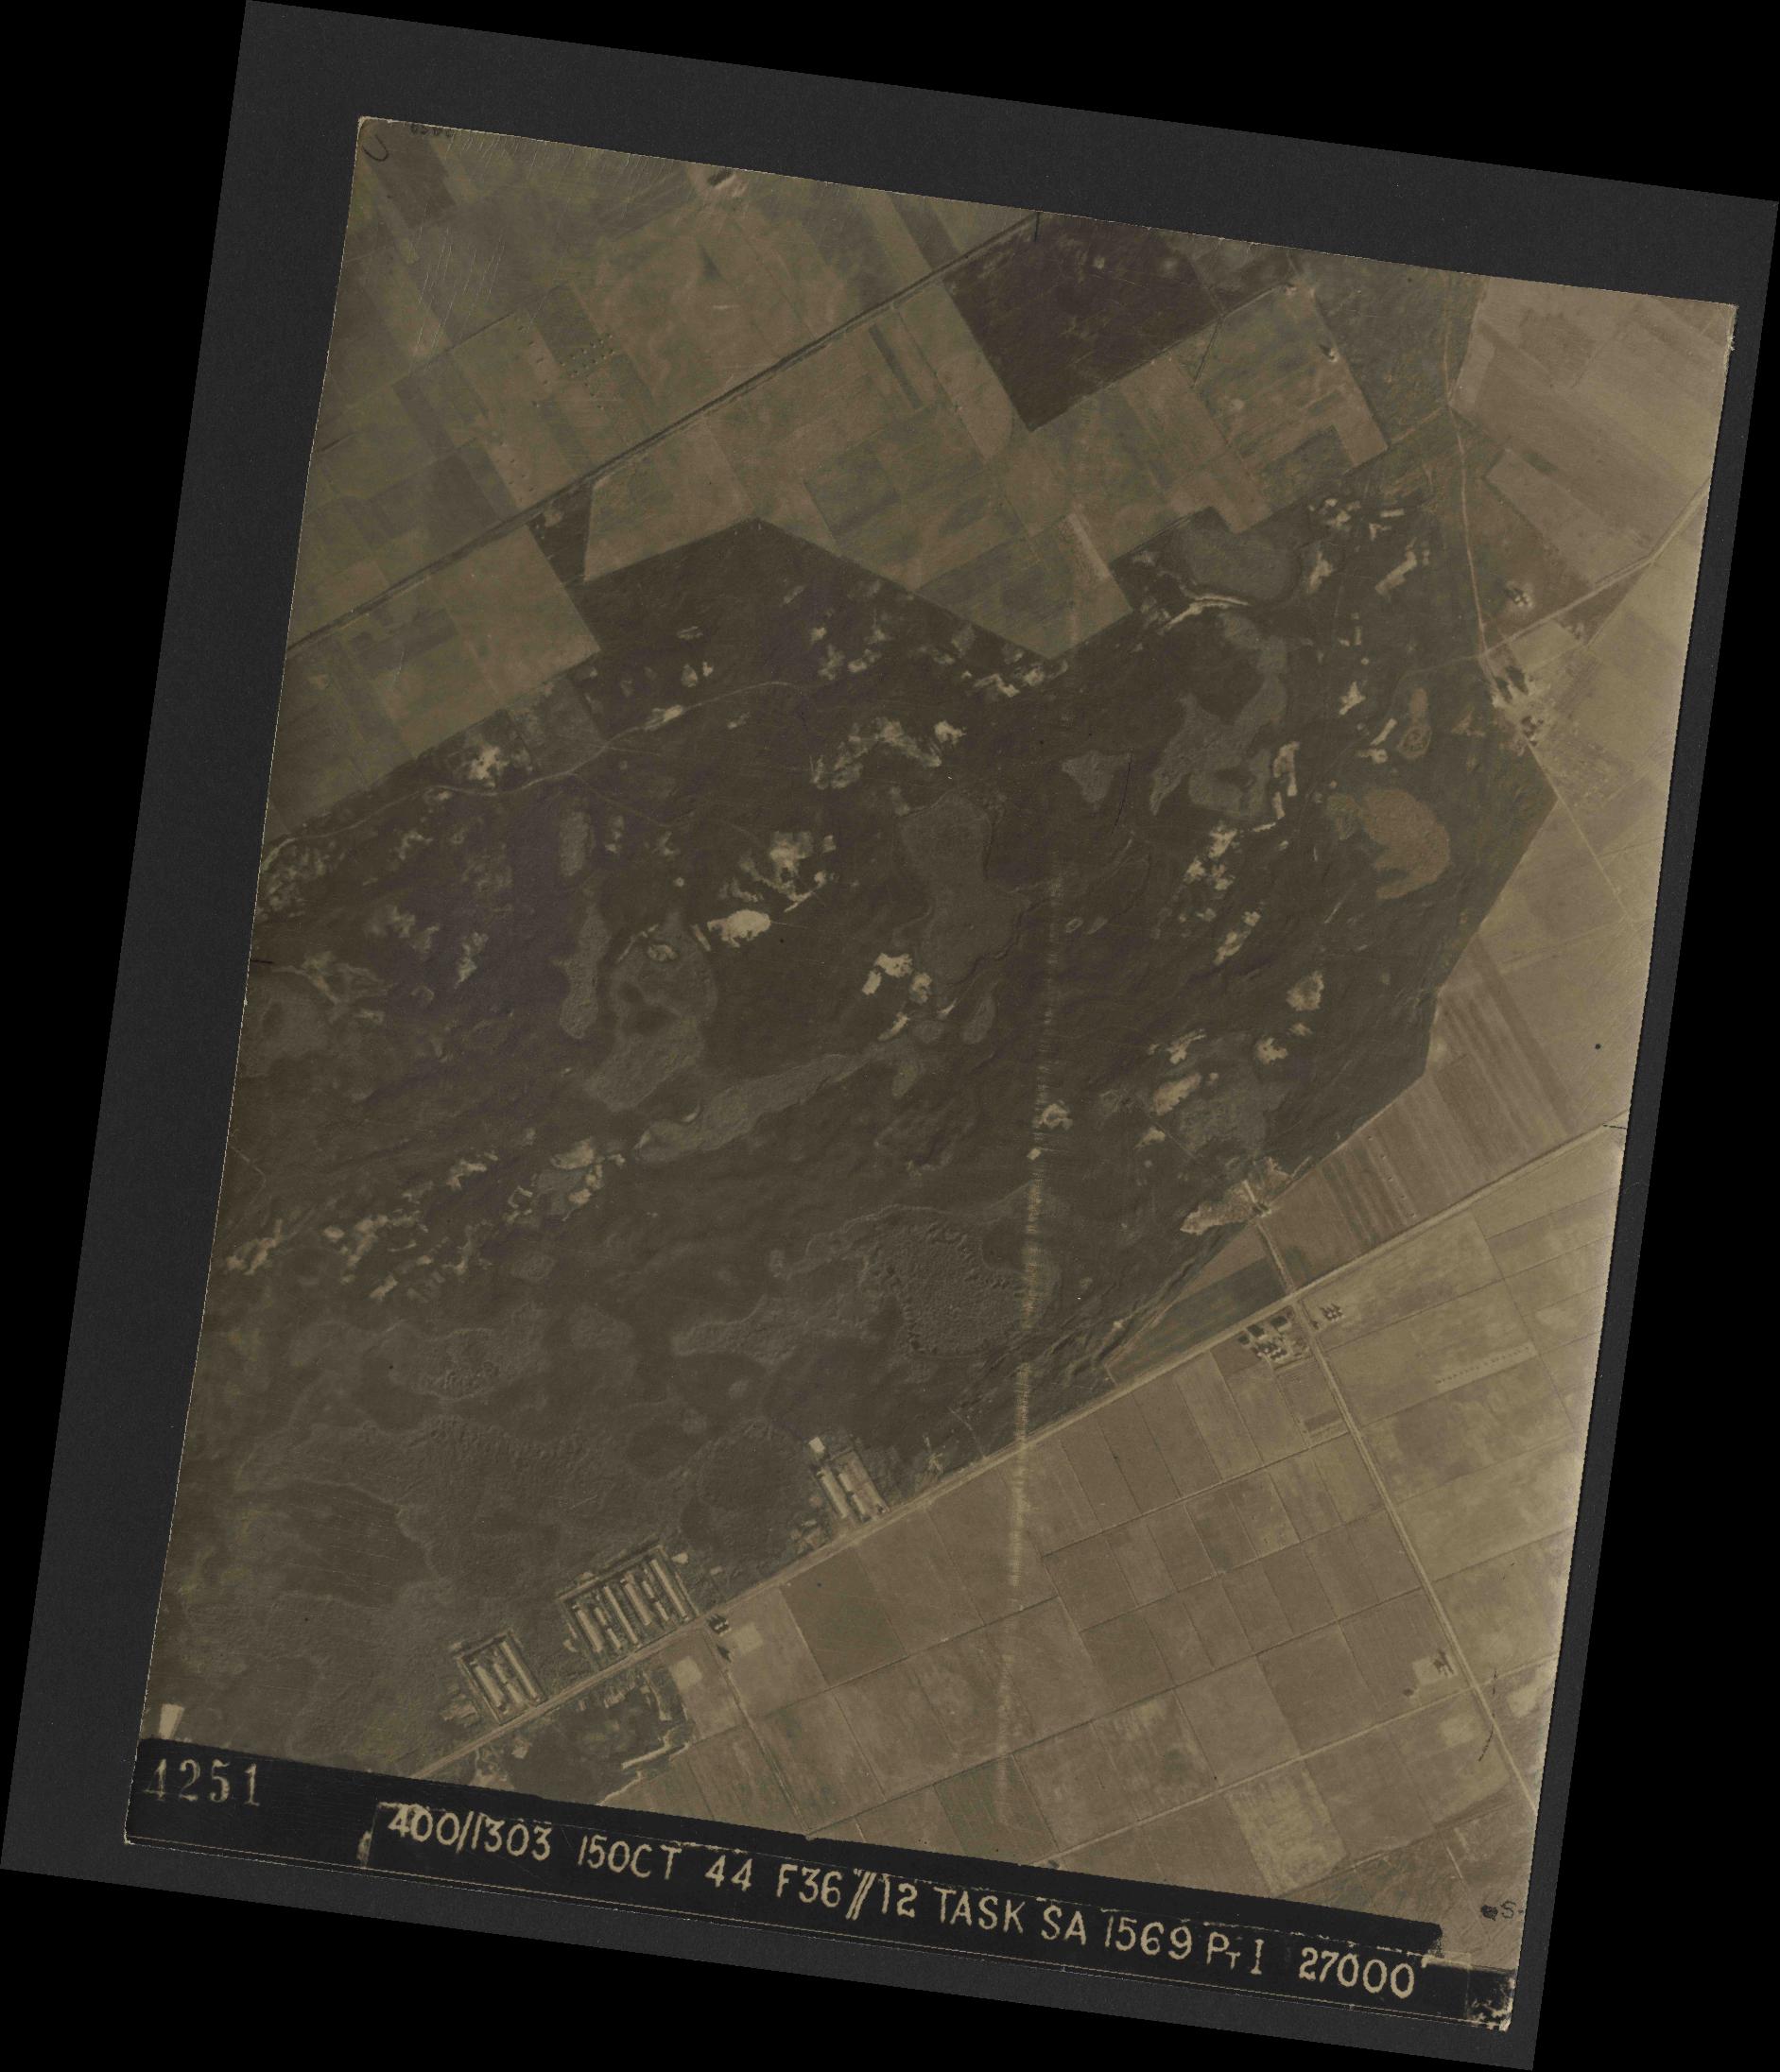 Collection RAF aerial photos 1940-1945 - flight 178, run 22, photo 4251